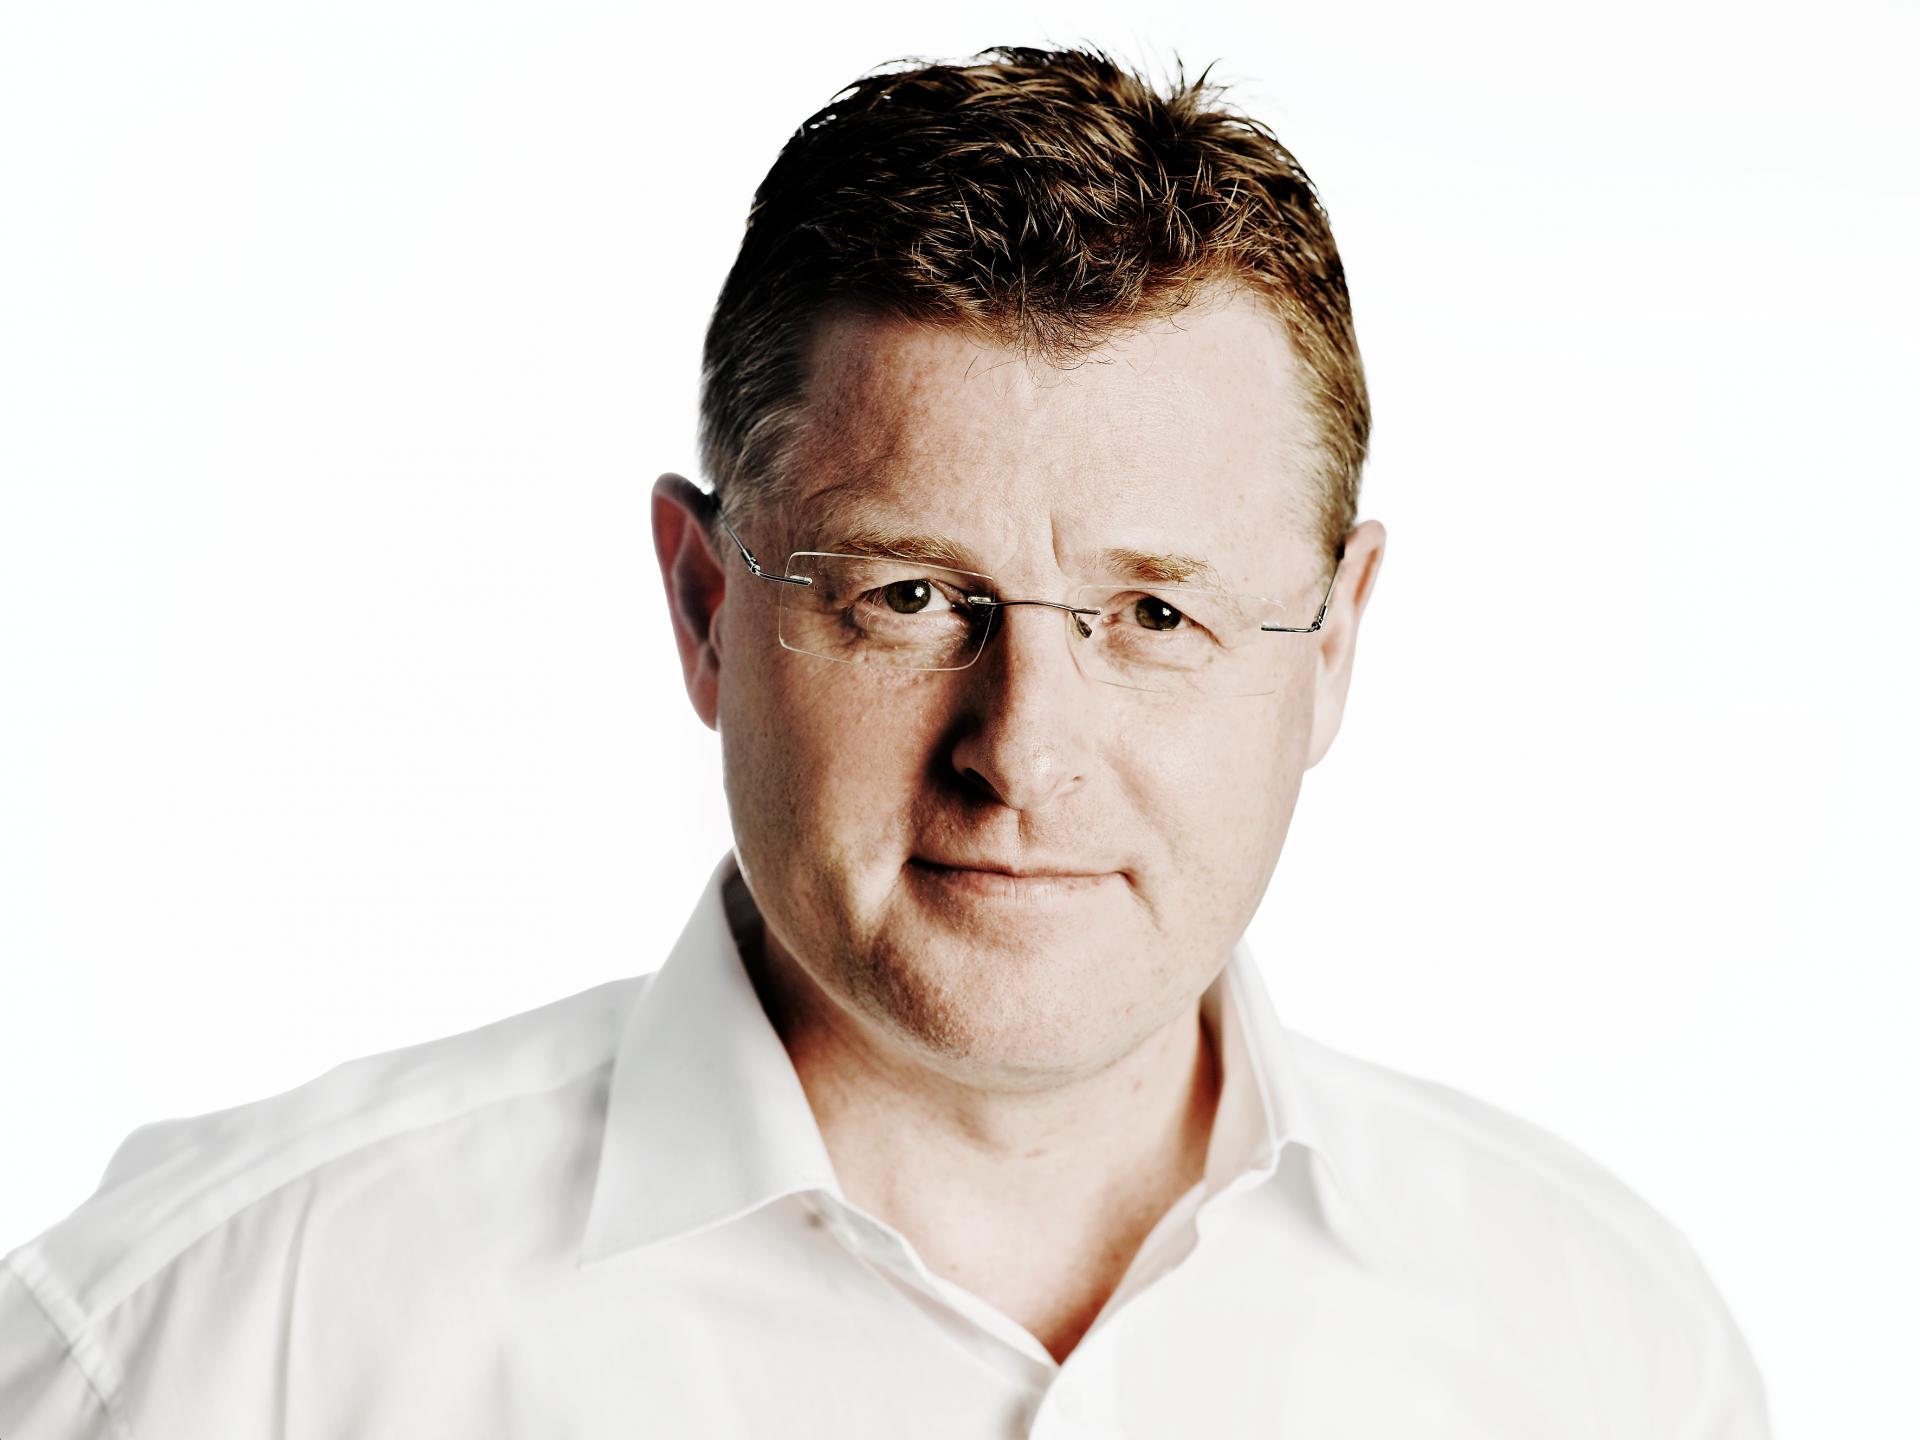 Martin Herbst Portræt ansigt